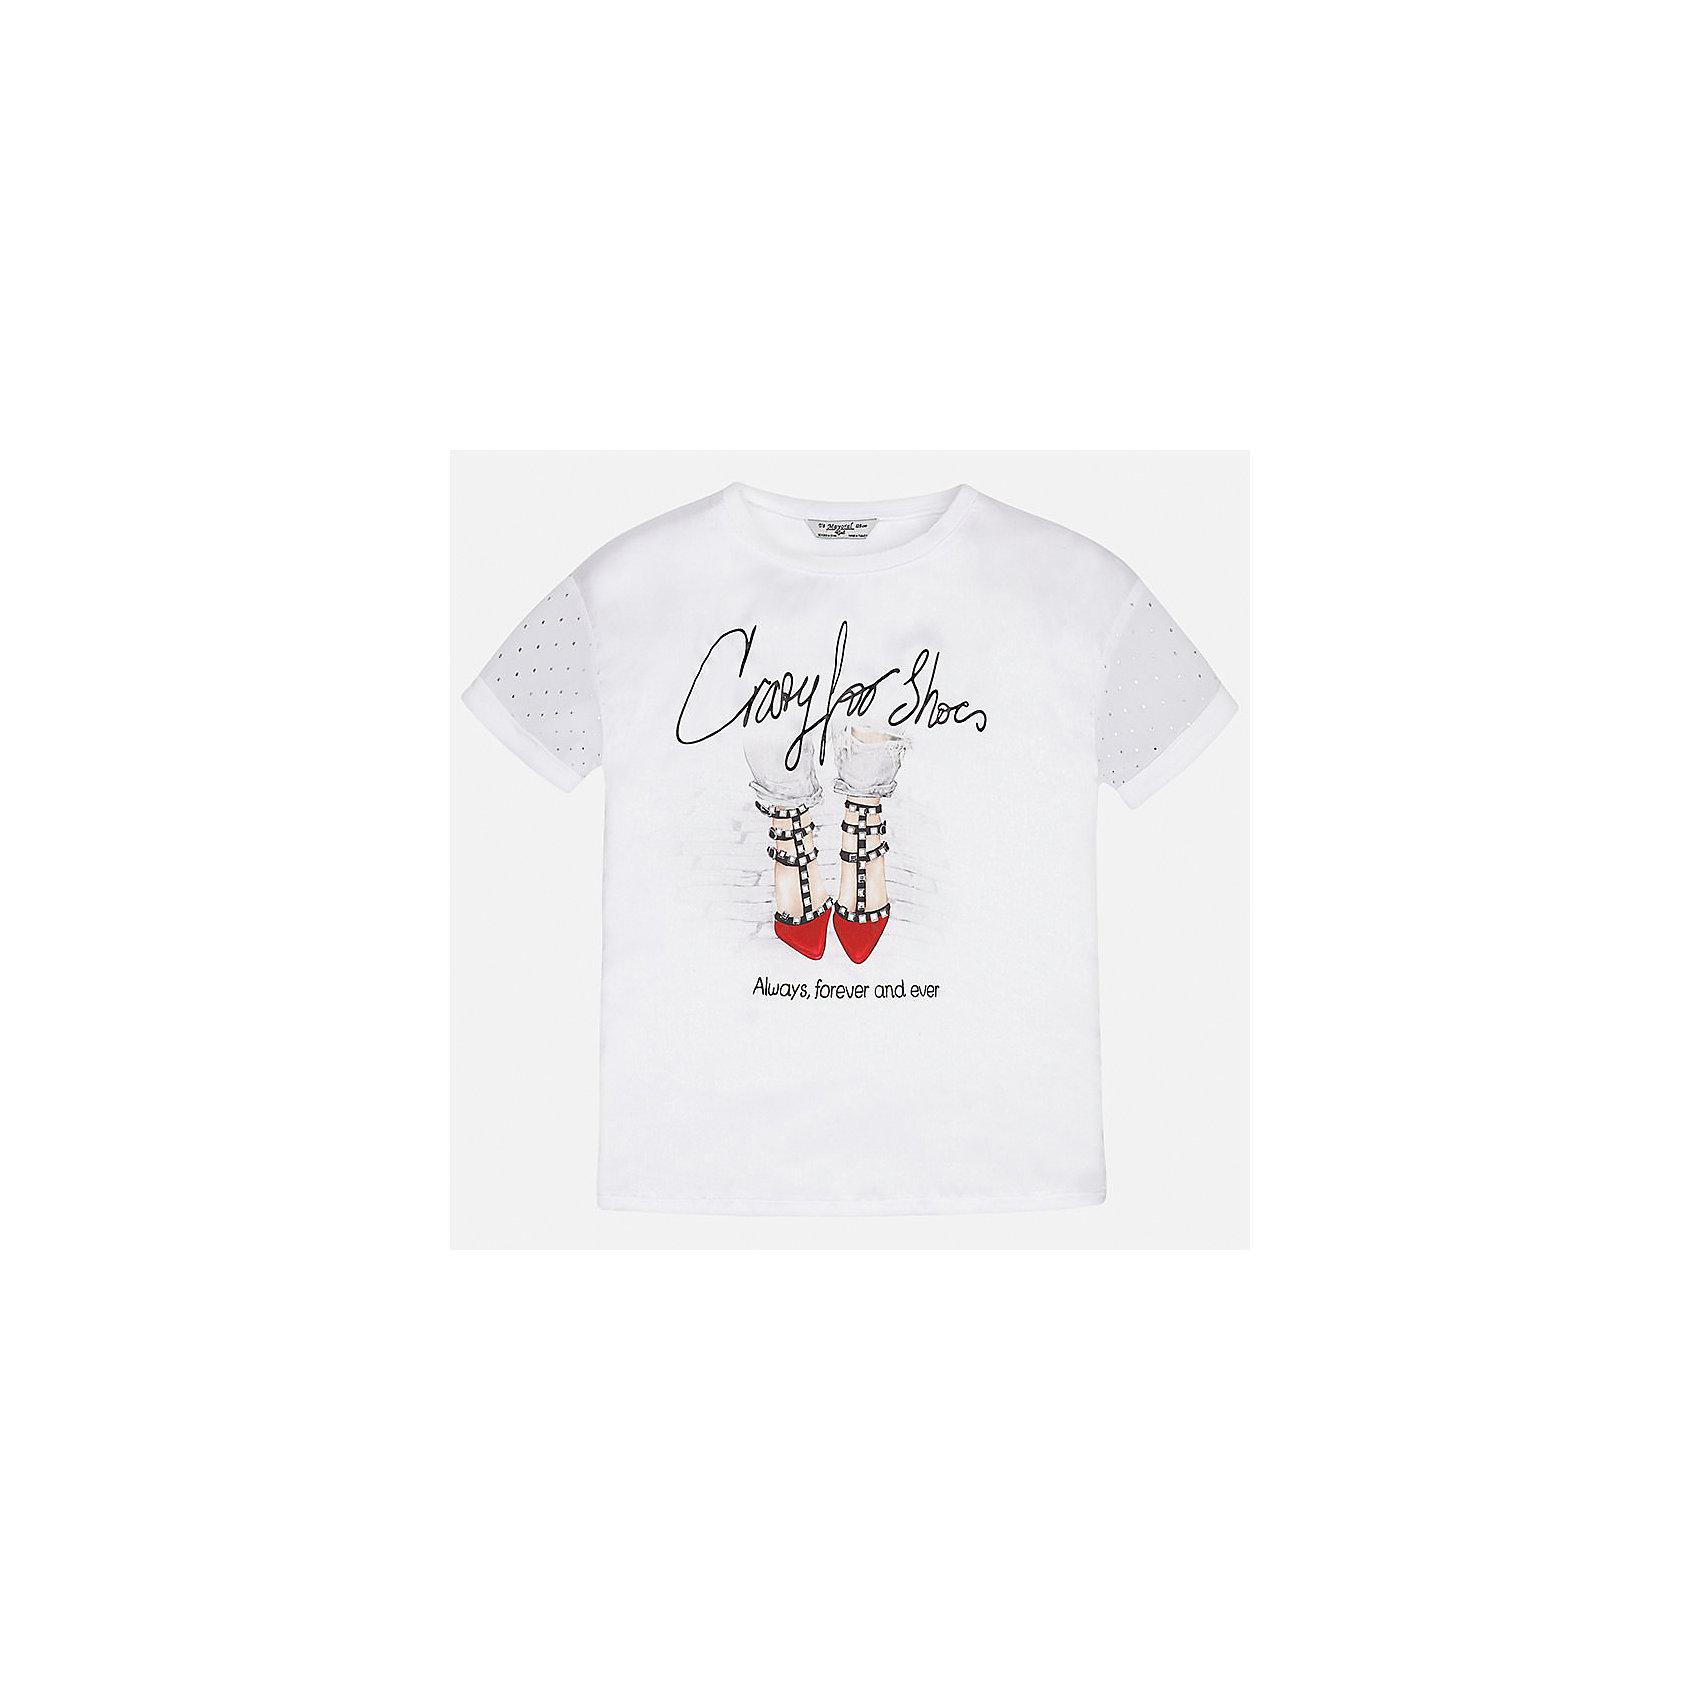 Футболка для девочки MayoralФутболки, поло и топы<br>Характеристики товара:<br><br>• цвет: белый<br>• состав: 60% полиэстер, 40% вискоза<br>• эластичный материал<br>• декорирована принтом<br>• короткие рукава<br>• округлый горловой вырез<br>• страна бренда: Испания<br><br>Модная качественная футболка для девочки поможет разнообразить гардероб ребенка и украсить наряд. Она отлично сочетается и с юбками, и с шортами, и с брюками. Универсальный цвет позволяет подобрать к вещи низ практически любой расцветки. Интересная отделка модели делает её нарядной и оригинальной.<br><br>Одежда, обувь и аксессуары от испанского бренда Mayoral полюбились детям и взрослым по всему миру. Модели этой марки - стильные и удобные. Для их производства используются только безопасные, качественные материалы и фурнитура. Порадуйте ребенка модными и красивыми вещами от Mayoral! <br><br>Футболку для девочки от испанского бренда Mayoral (Майорал) можно купить в нашем интернет-магазине.<br><br>Ширина мм: 199<br>Глубина мм: 10<br>Высота мм: 161<br>Вес г: 151<br>Цвет: красный<br>Возраст от месяцев: 132<br>Возраст до месяцев: 144<br>Пол: Женский<br>Возраст: Детский<br>Размер: 152,158,164,170,128/134,140<br>SKU: 5300695